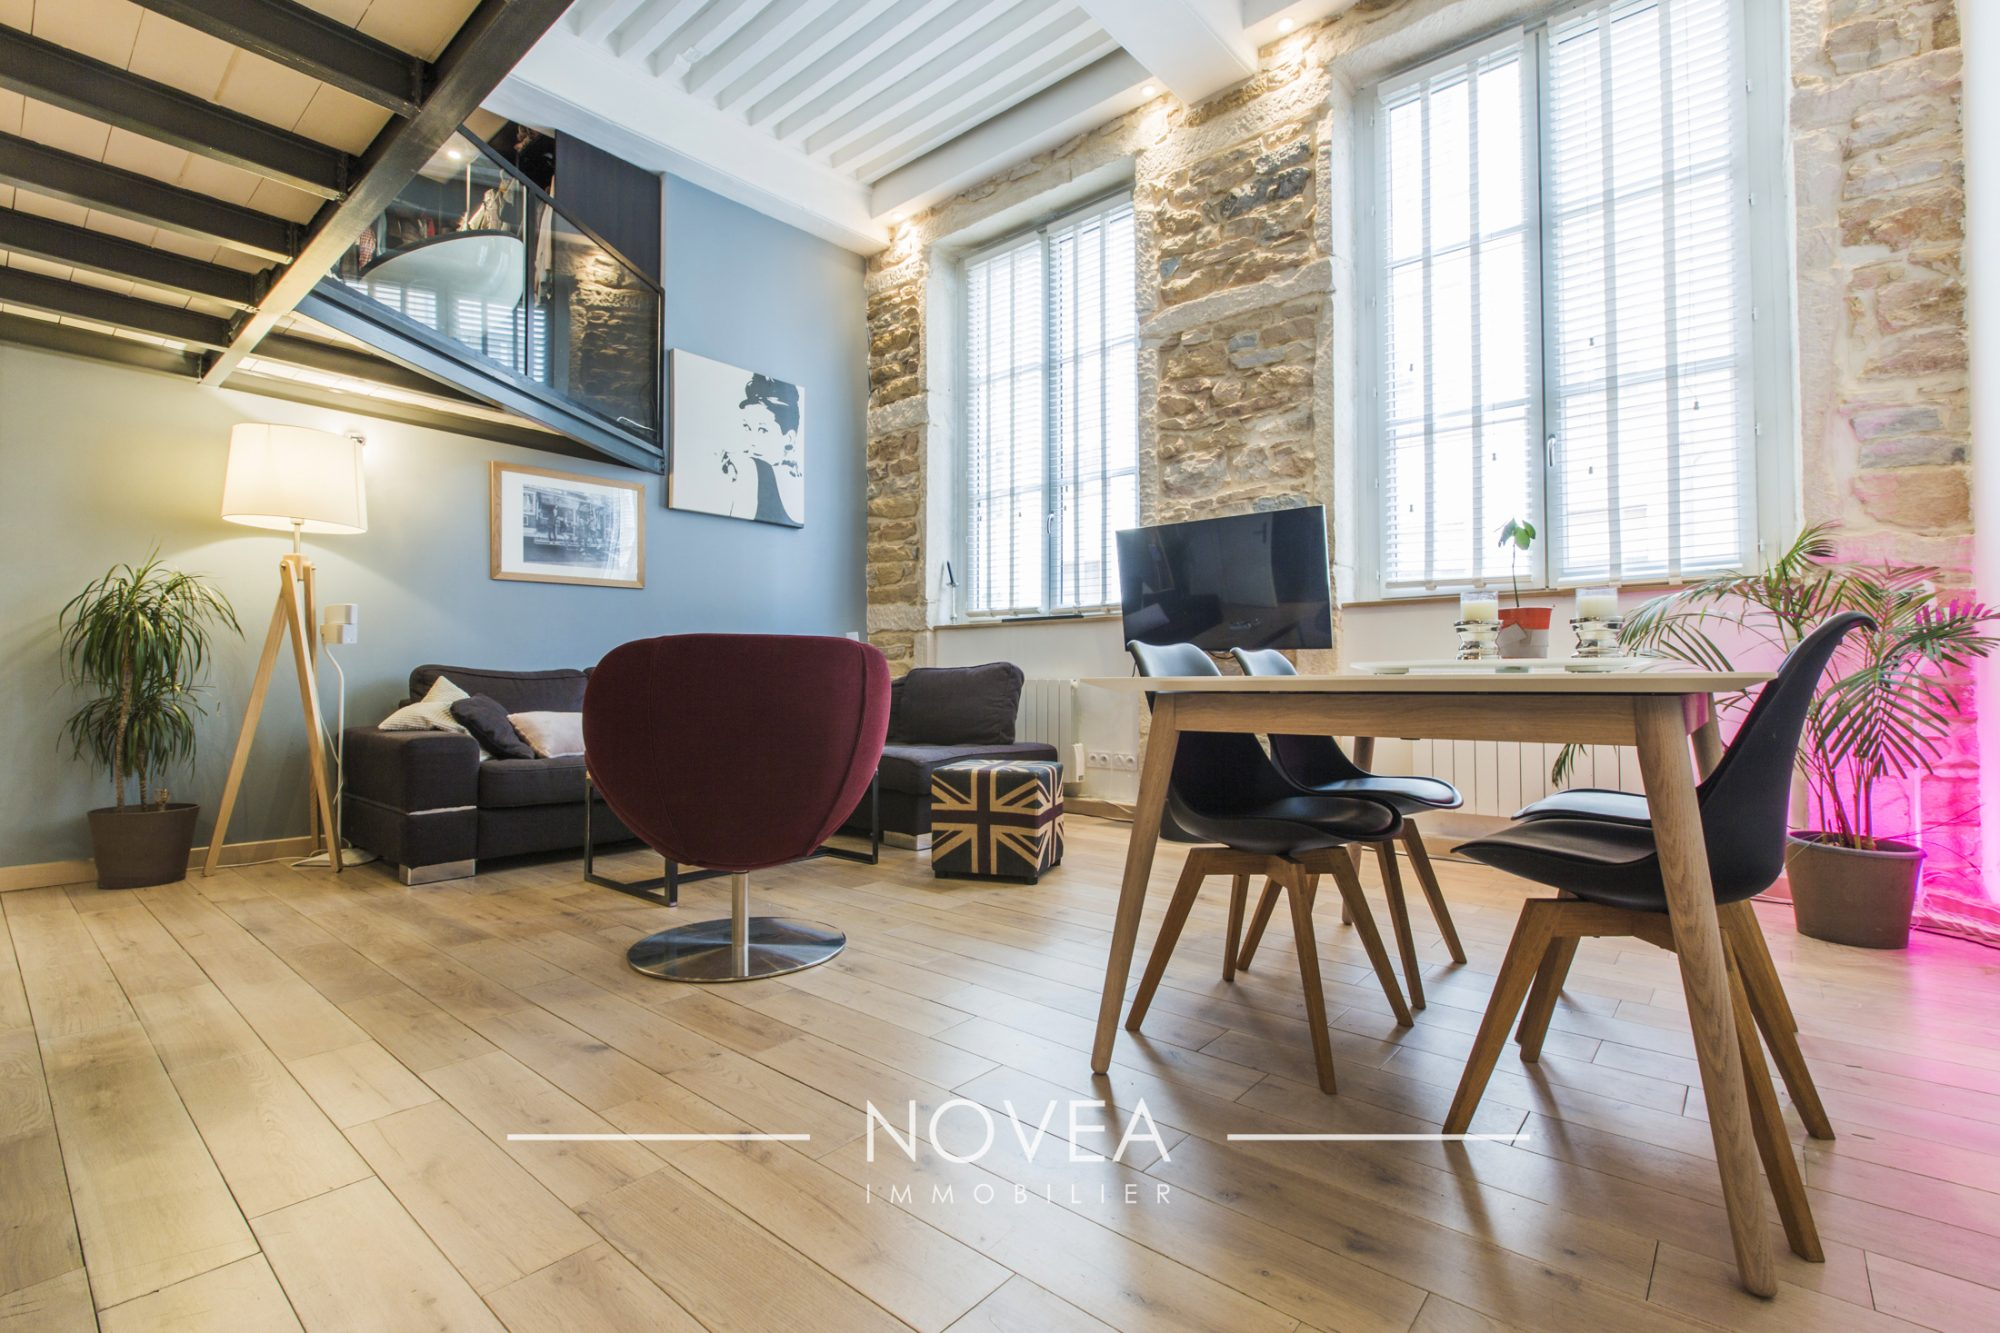 appartement t4 2 chambres croix rousse centre lyon agence novea lyon. Black Bedroom Furniture Sets. Home Design Ideas